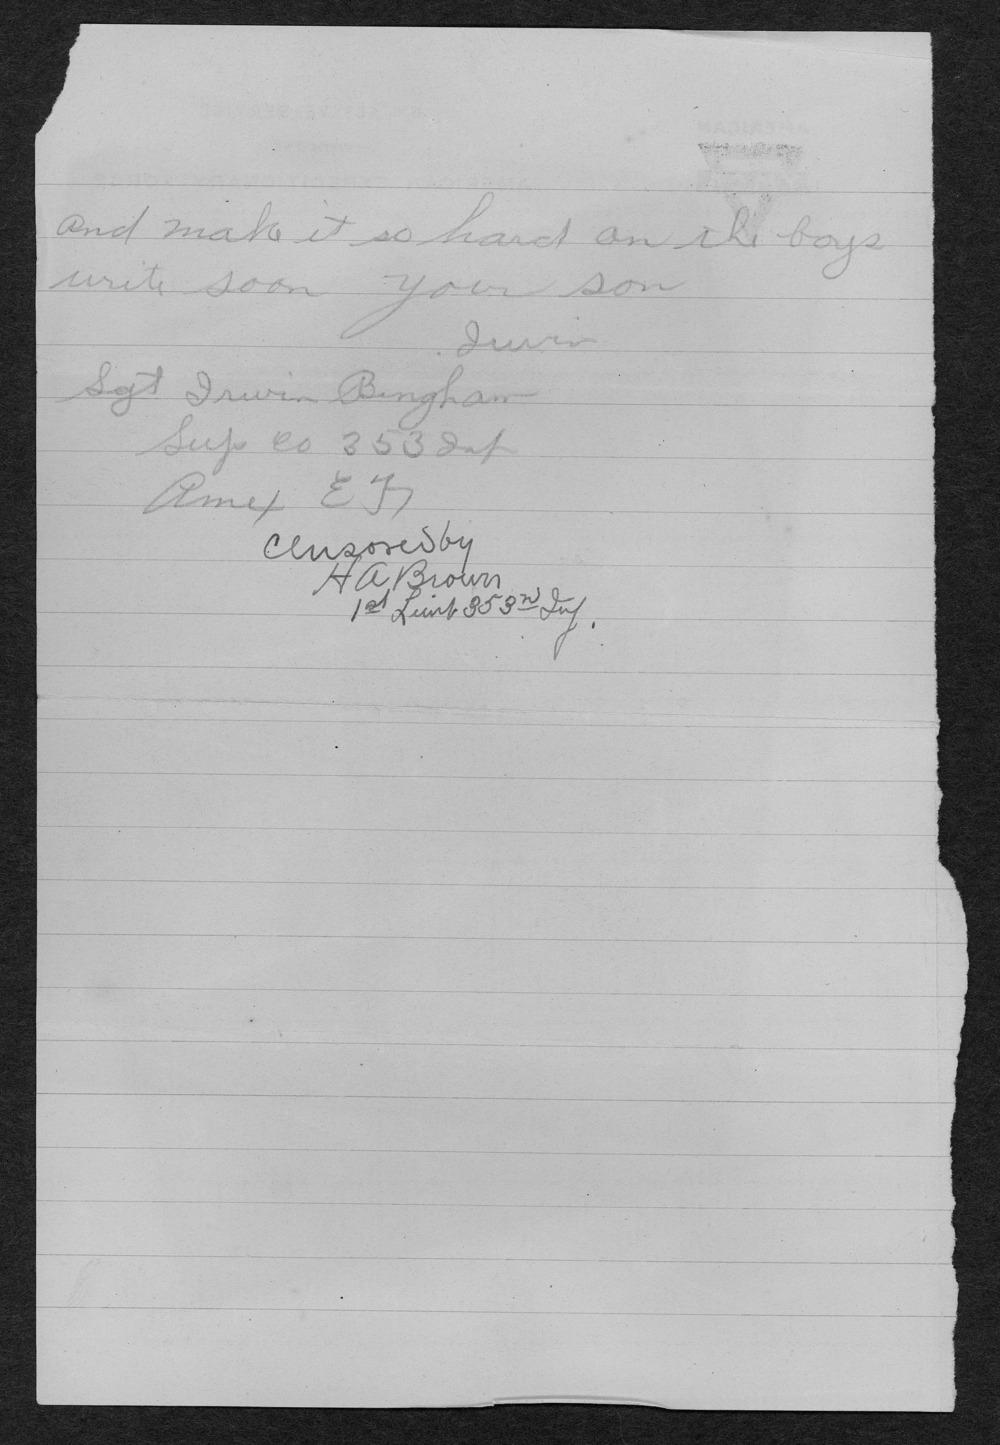 Irwin G. Bingham, World War I soldier - 22